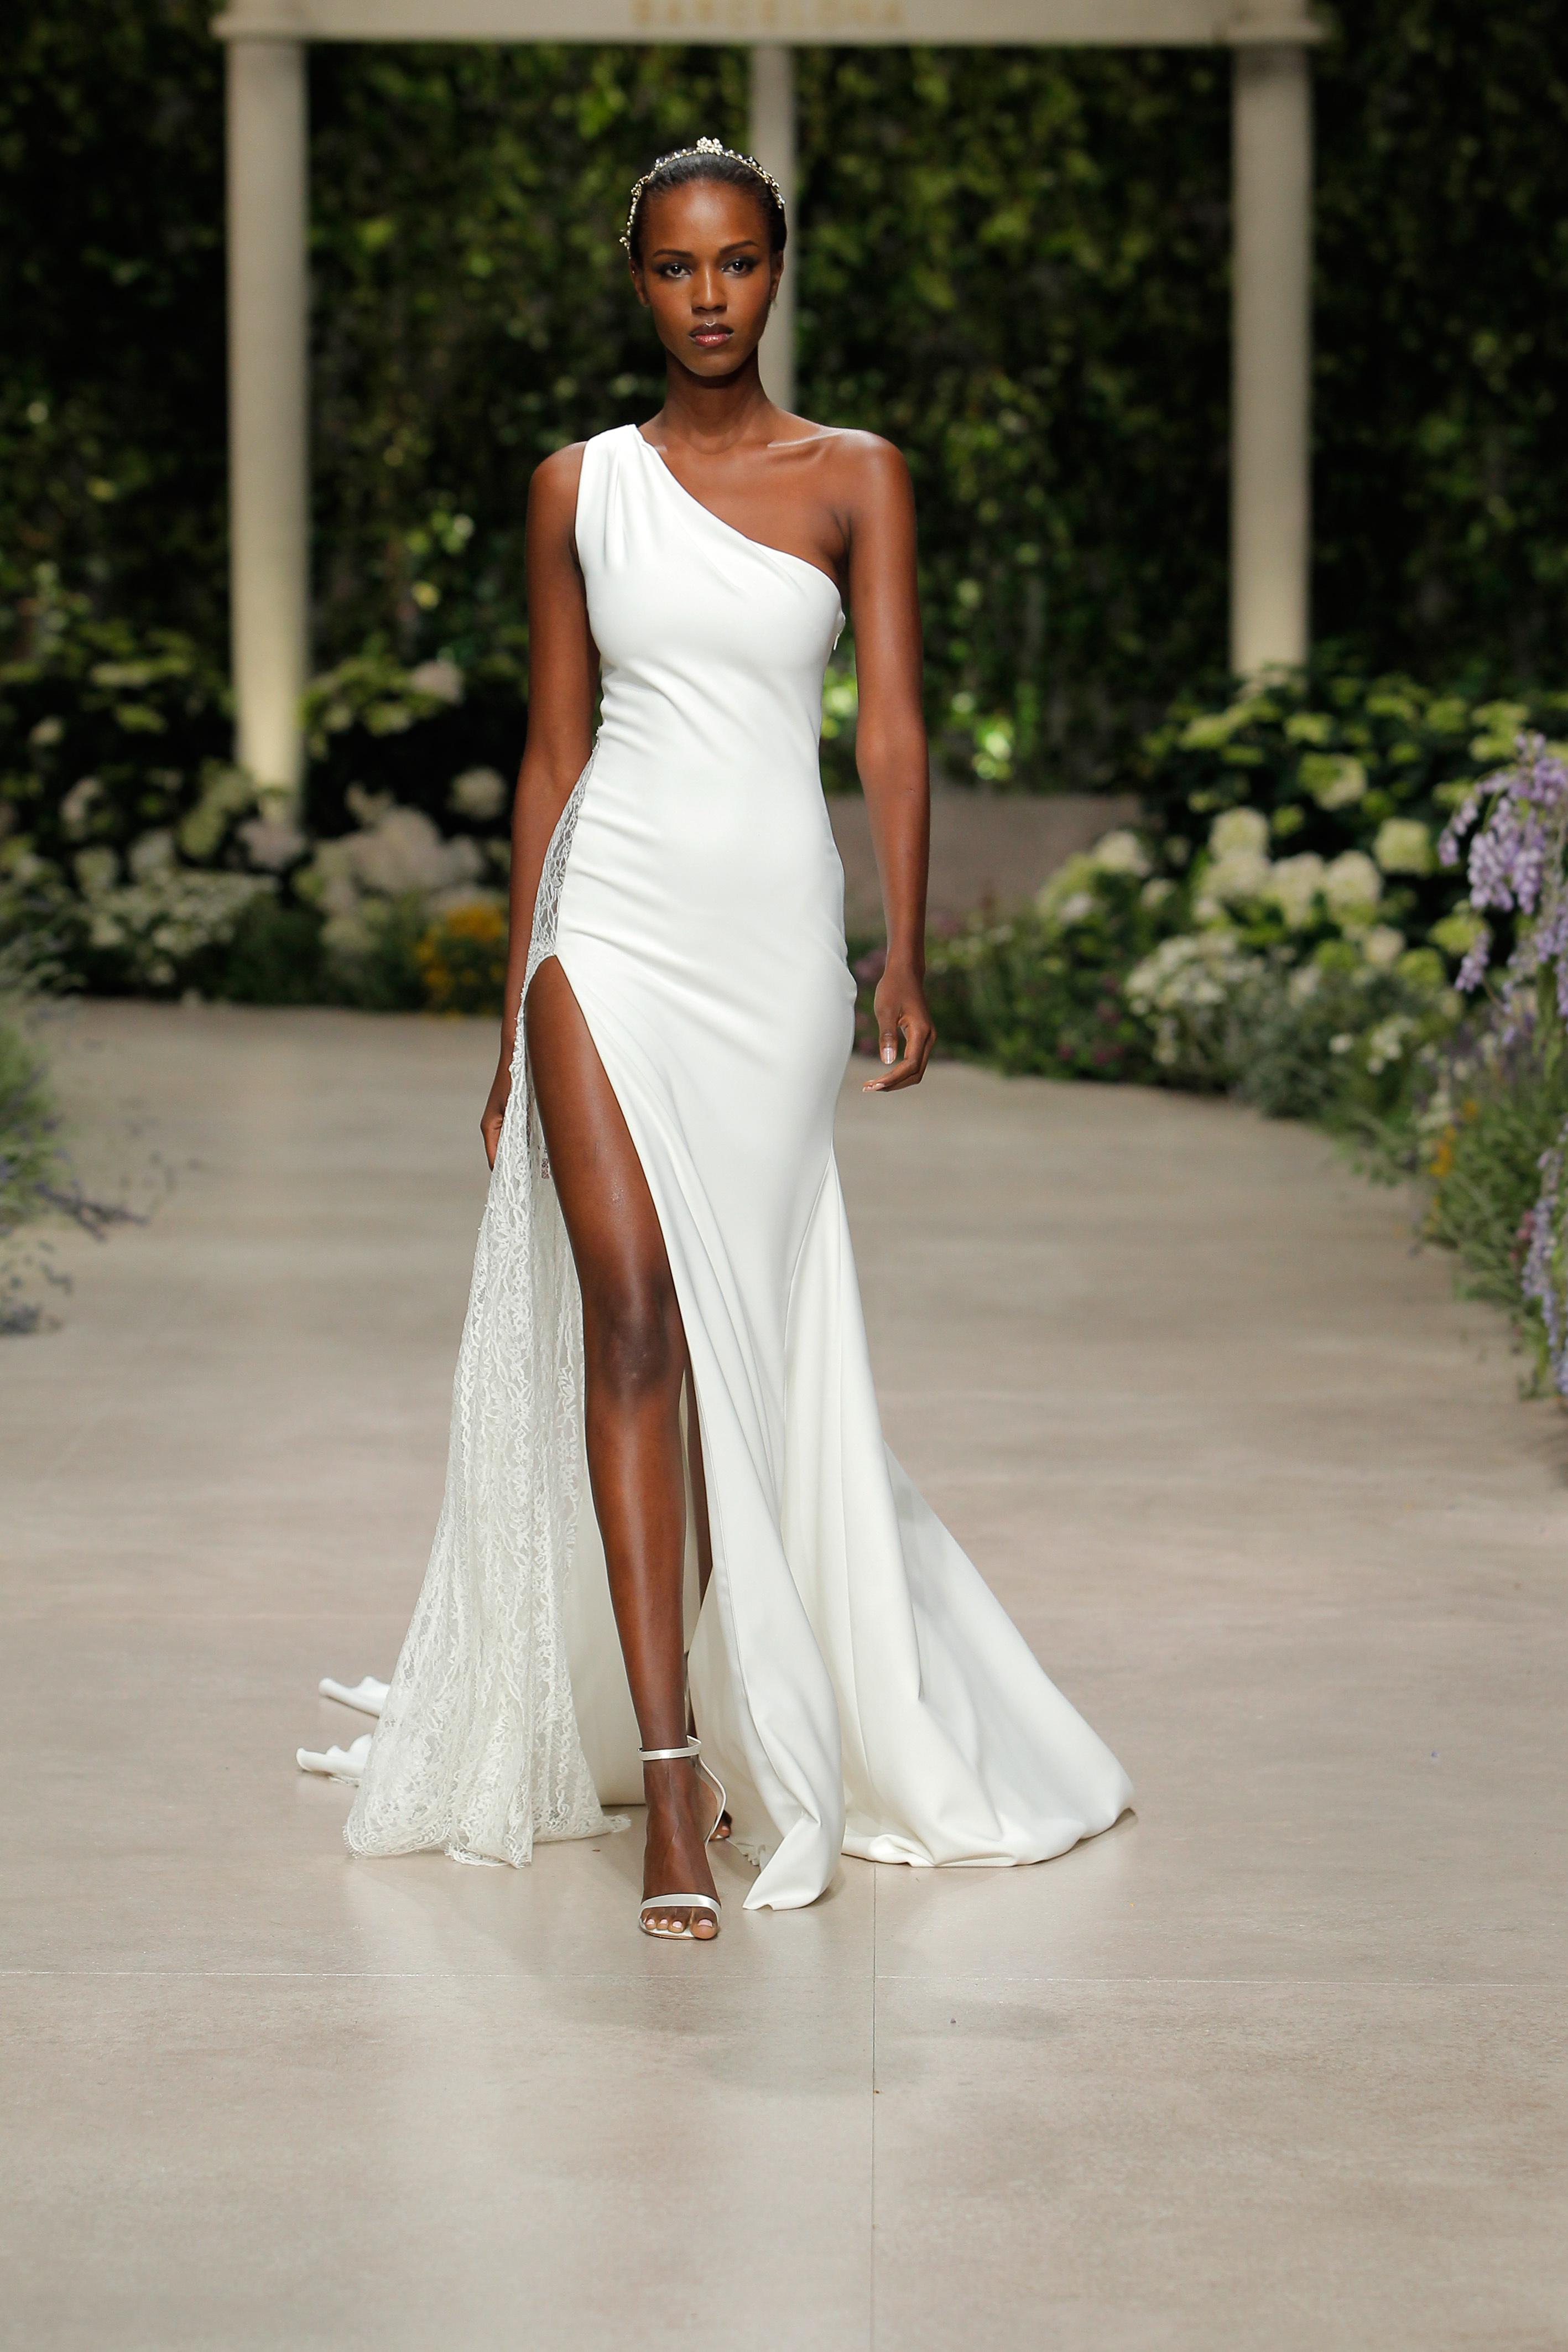 pronovias wedding dress spring 2019 one shoulder sheath